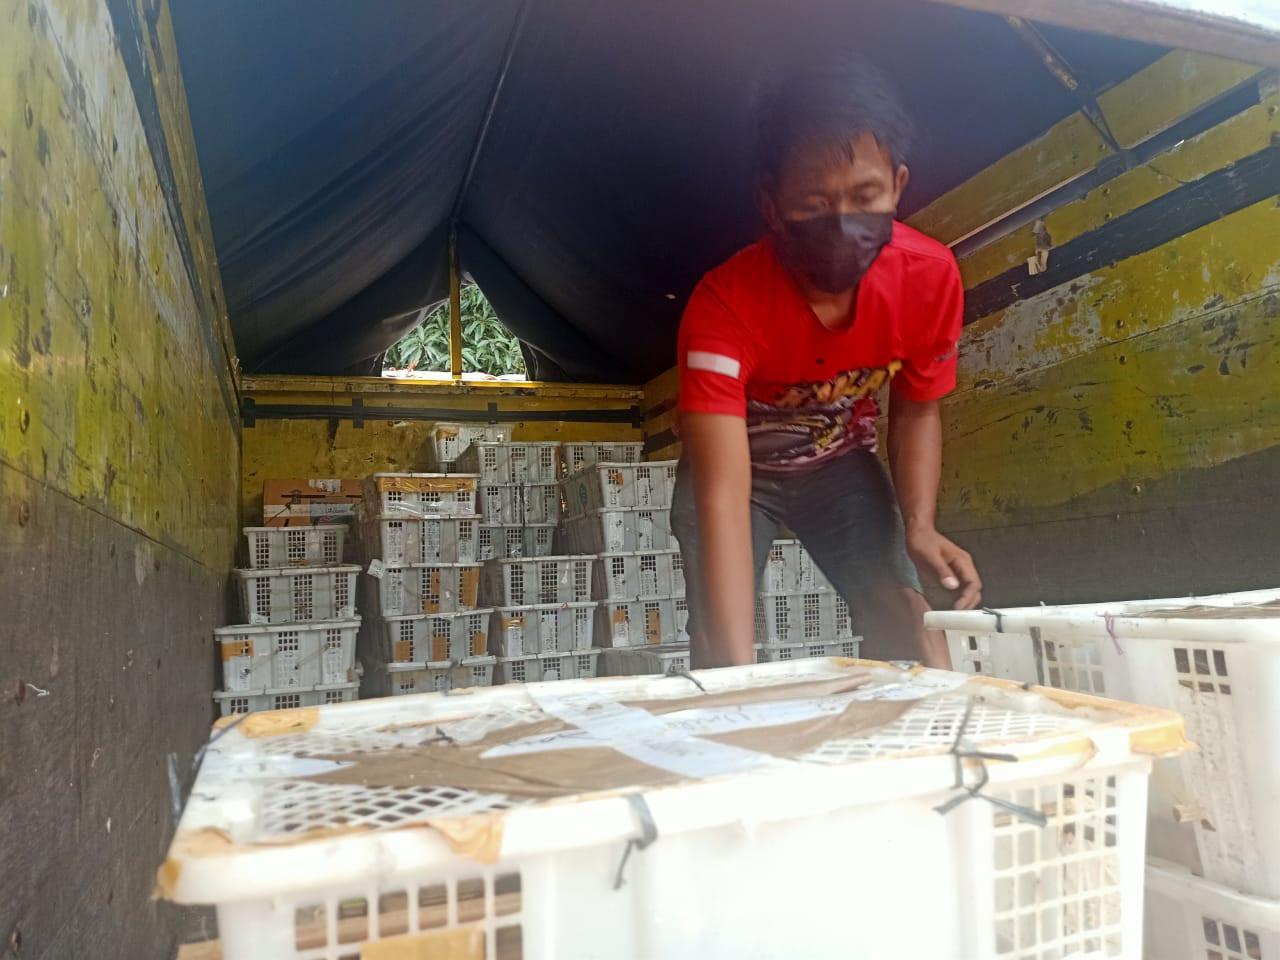 Petugas Geledah Muatan Truk di Pelabuhan Merak, Lihat Isinya, Tak Disangka - JPNN.com